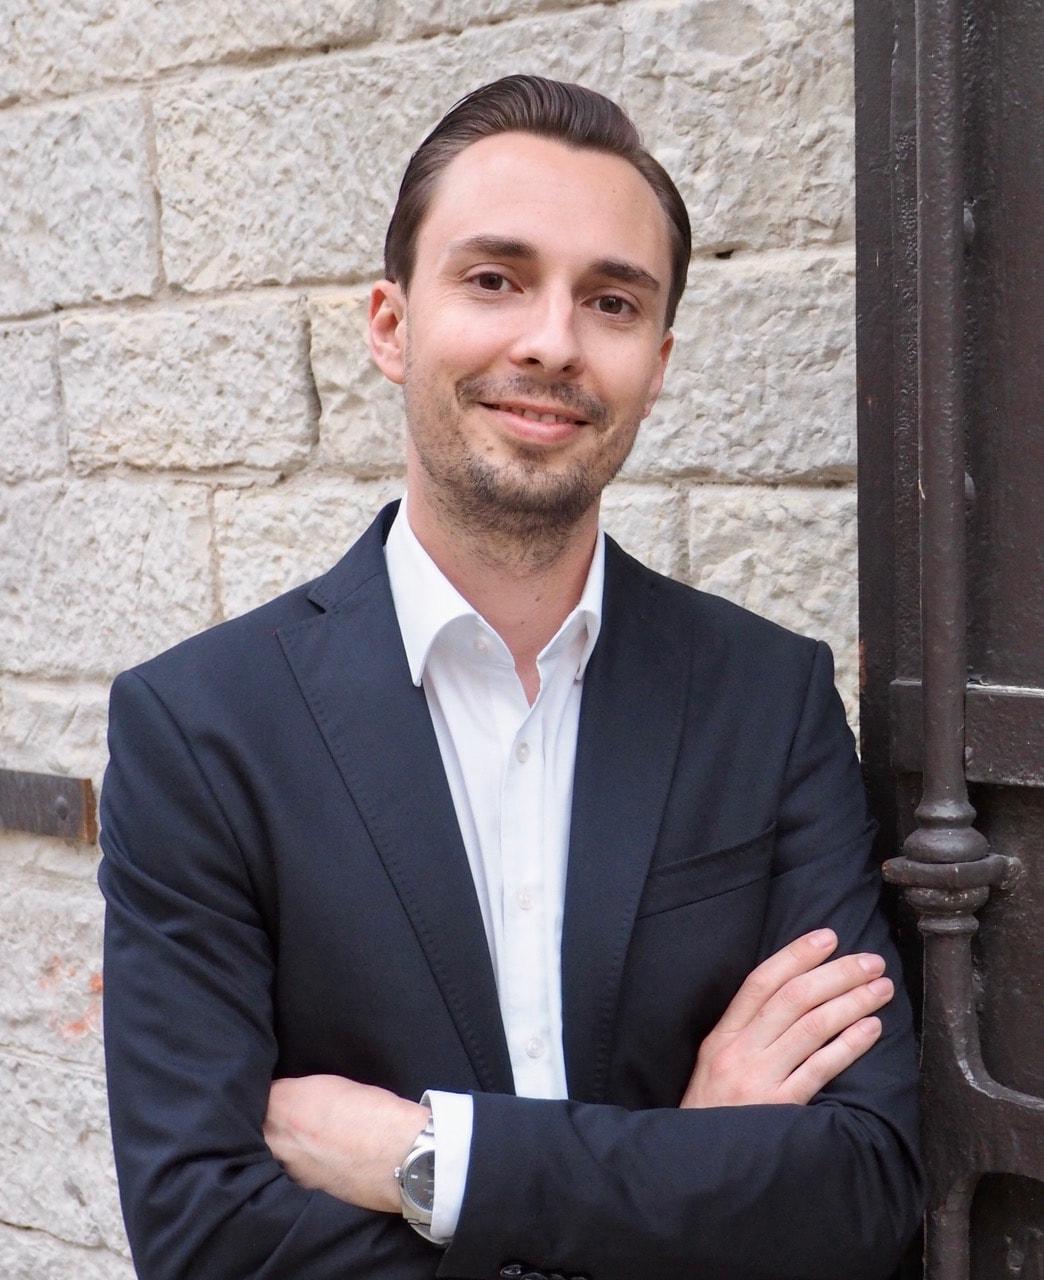 Dr Thomas Colson - Chirurgie esthétique et réparatrice à Aix en Provence et Marseille